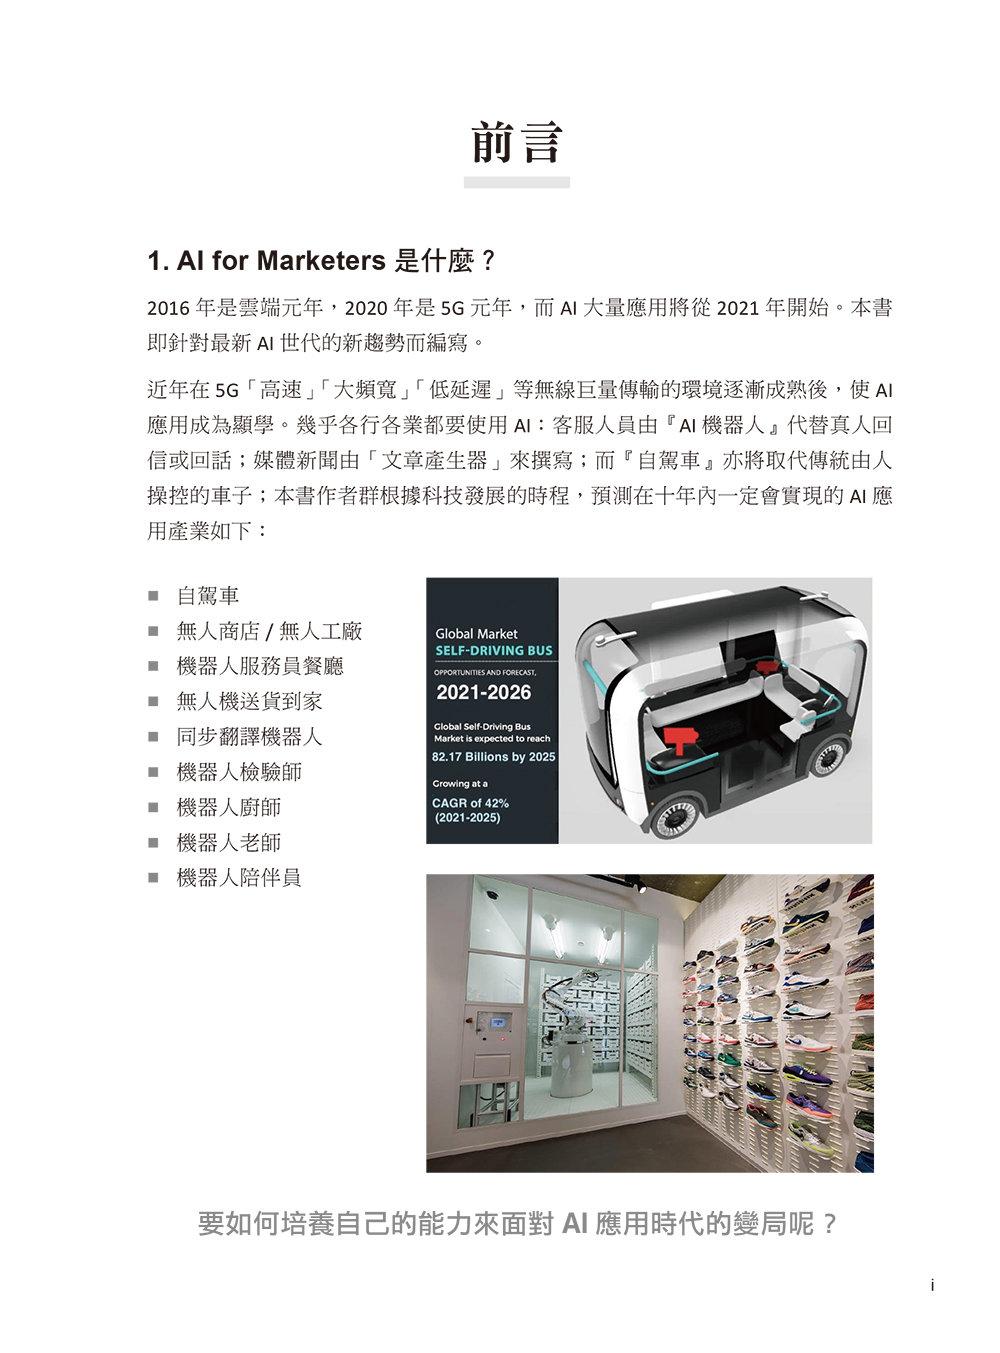 行銷人員的AI百寶盒-preview-2